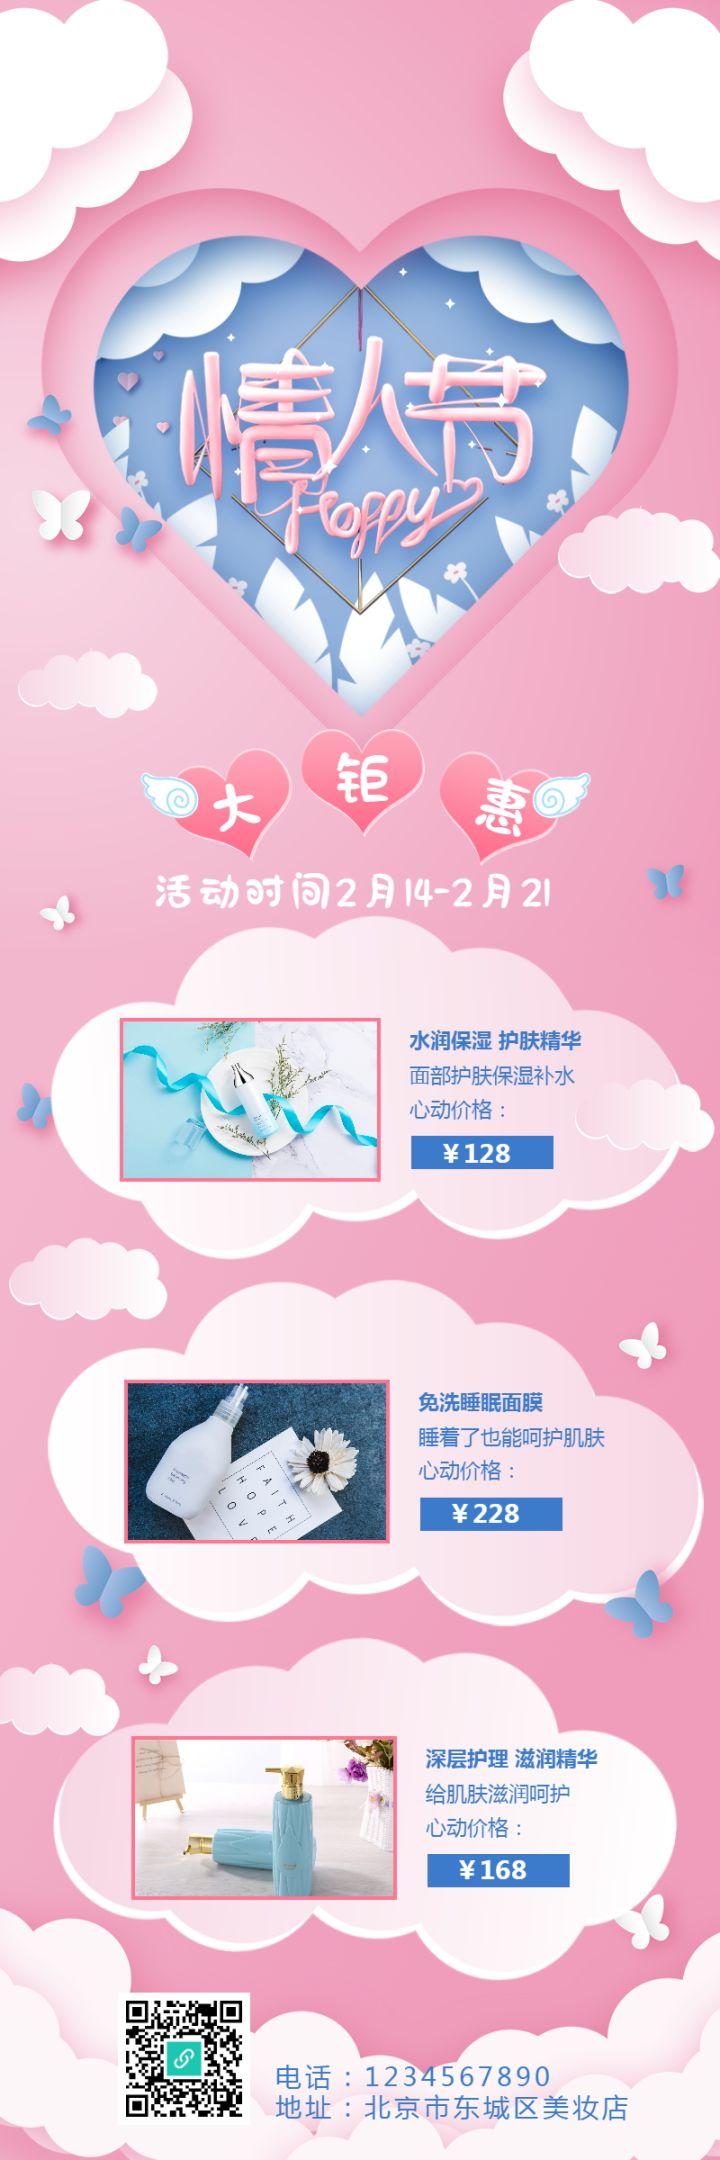 粉色清新可爱云朵情人节美妆促销